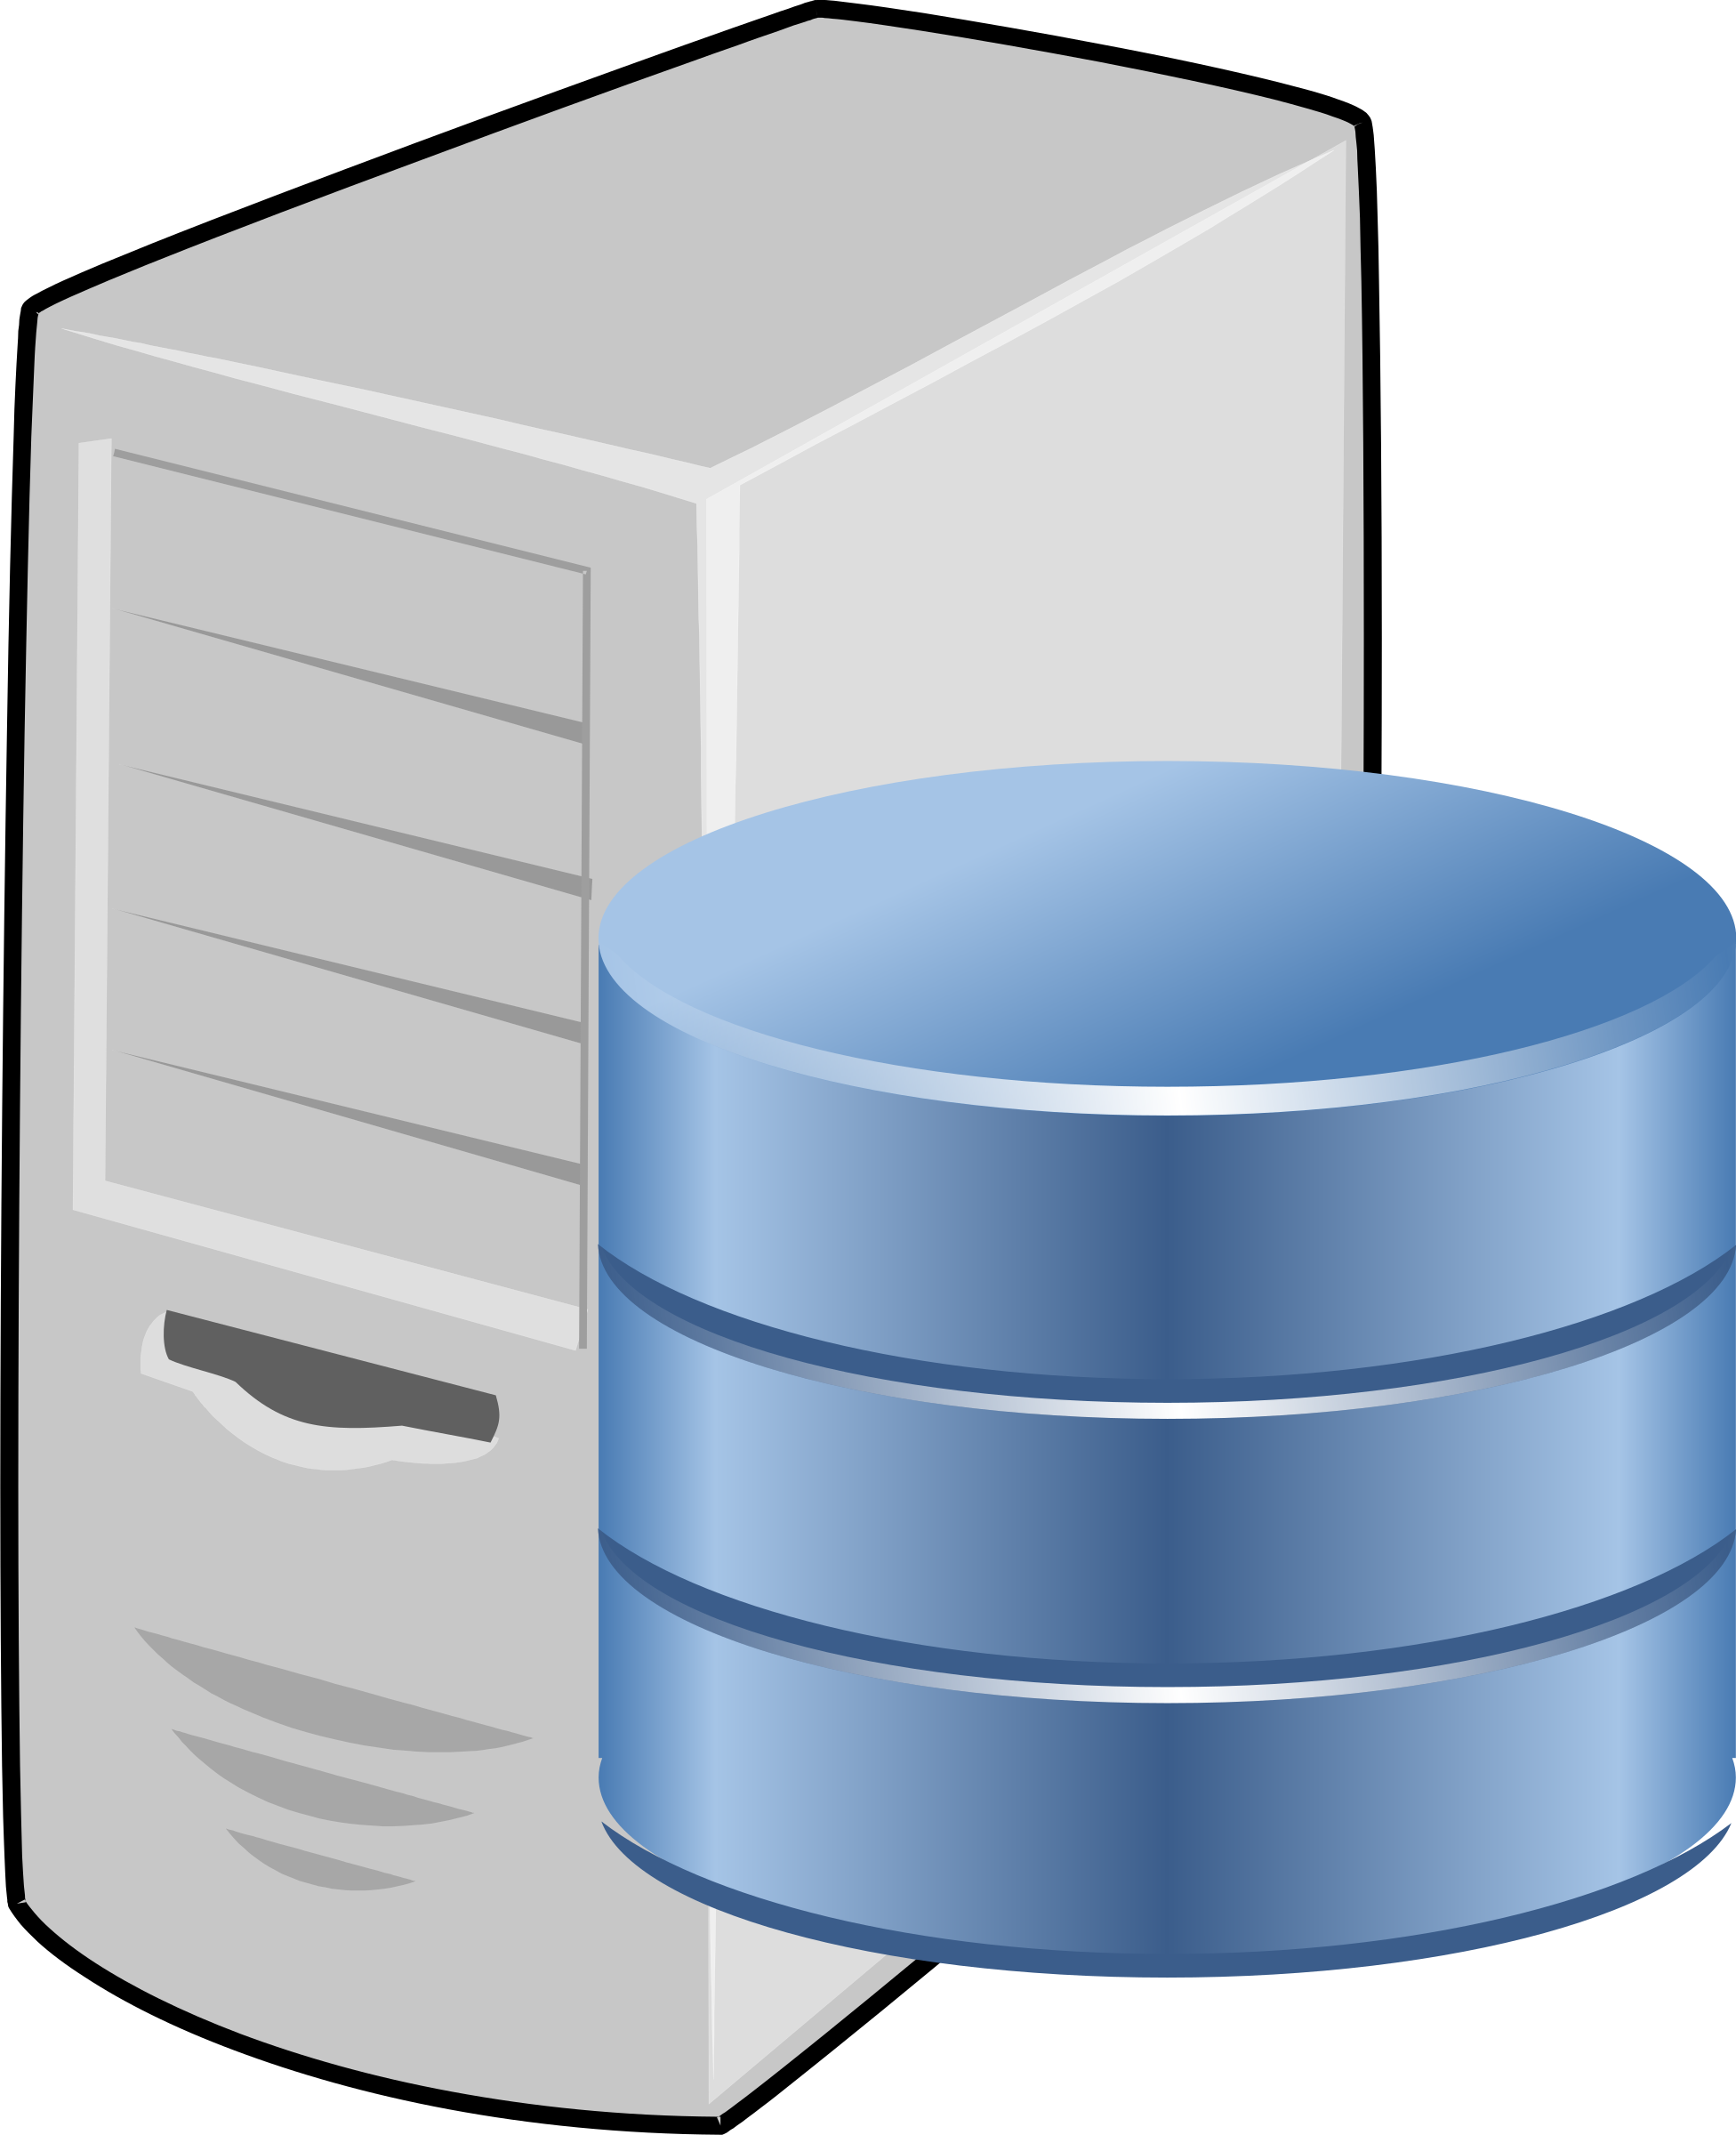 Server Png Image PNG Image - Server PNG